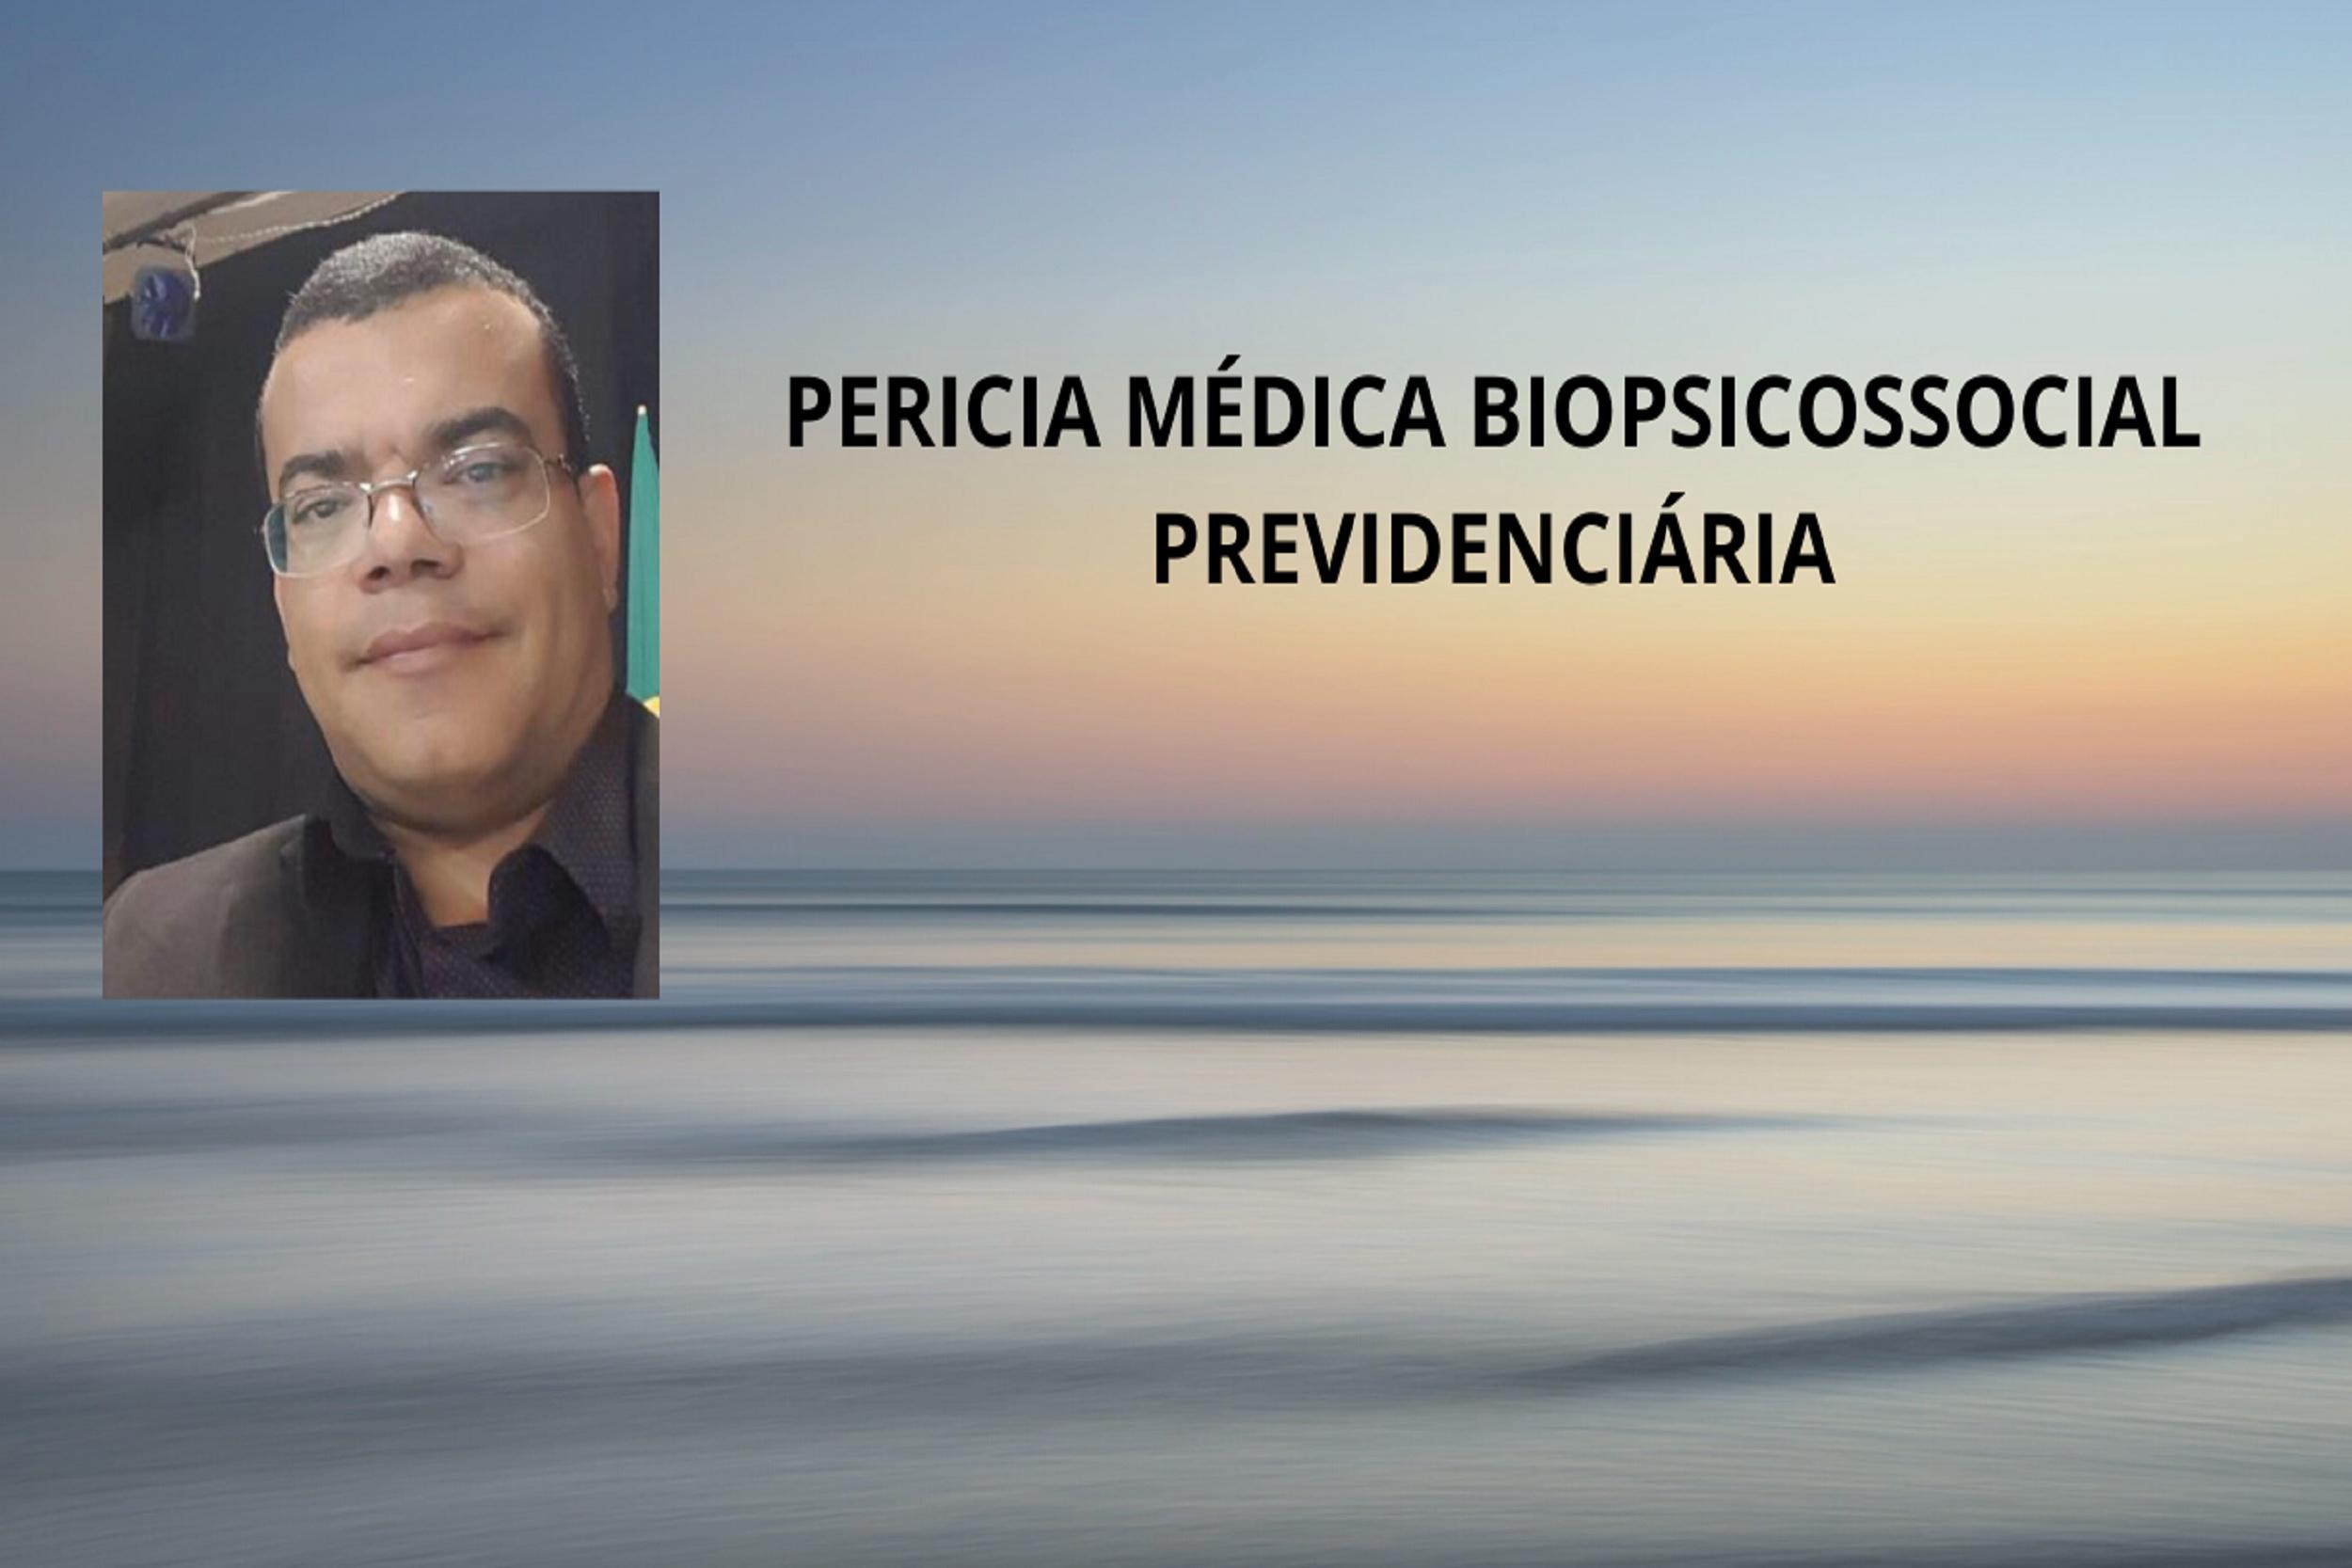 Perícia Médica Biopsicossocial Previdenciária